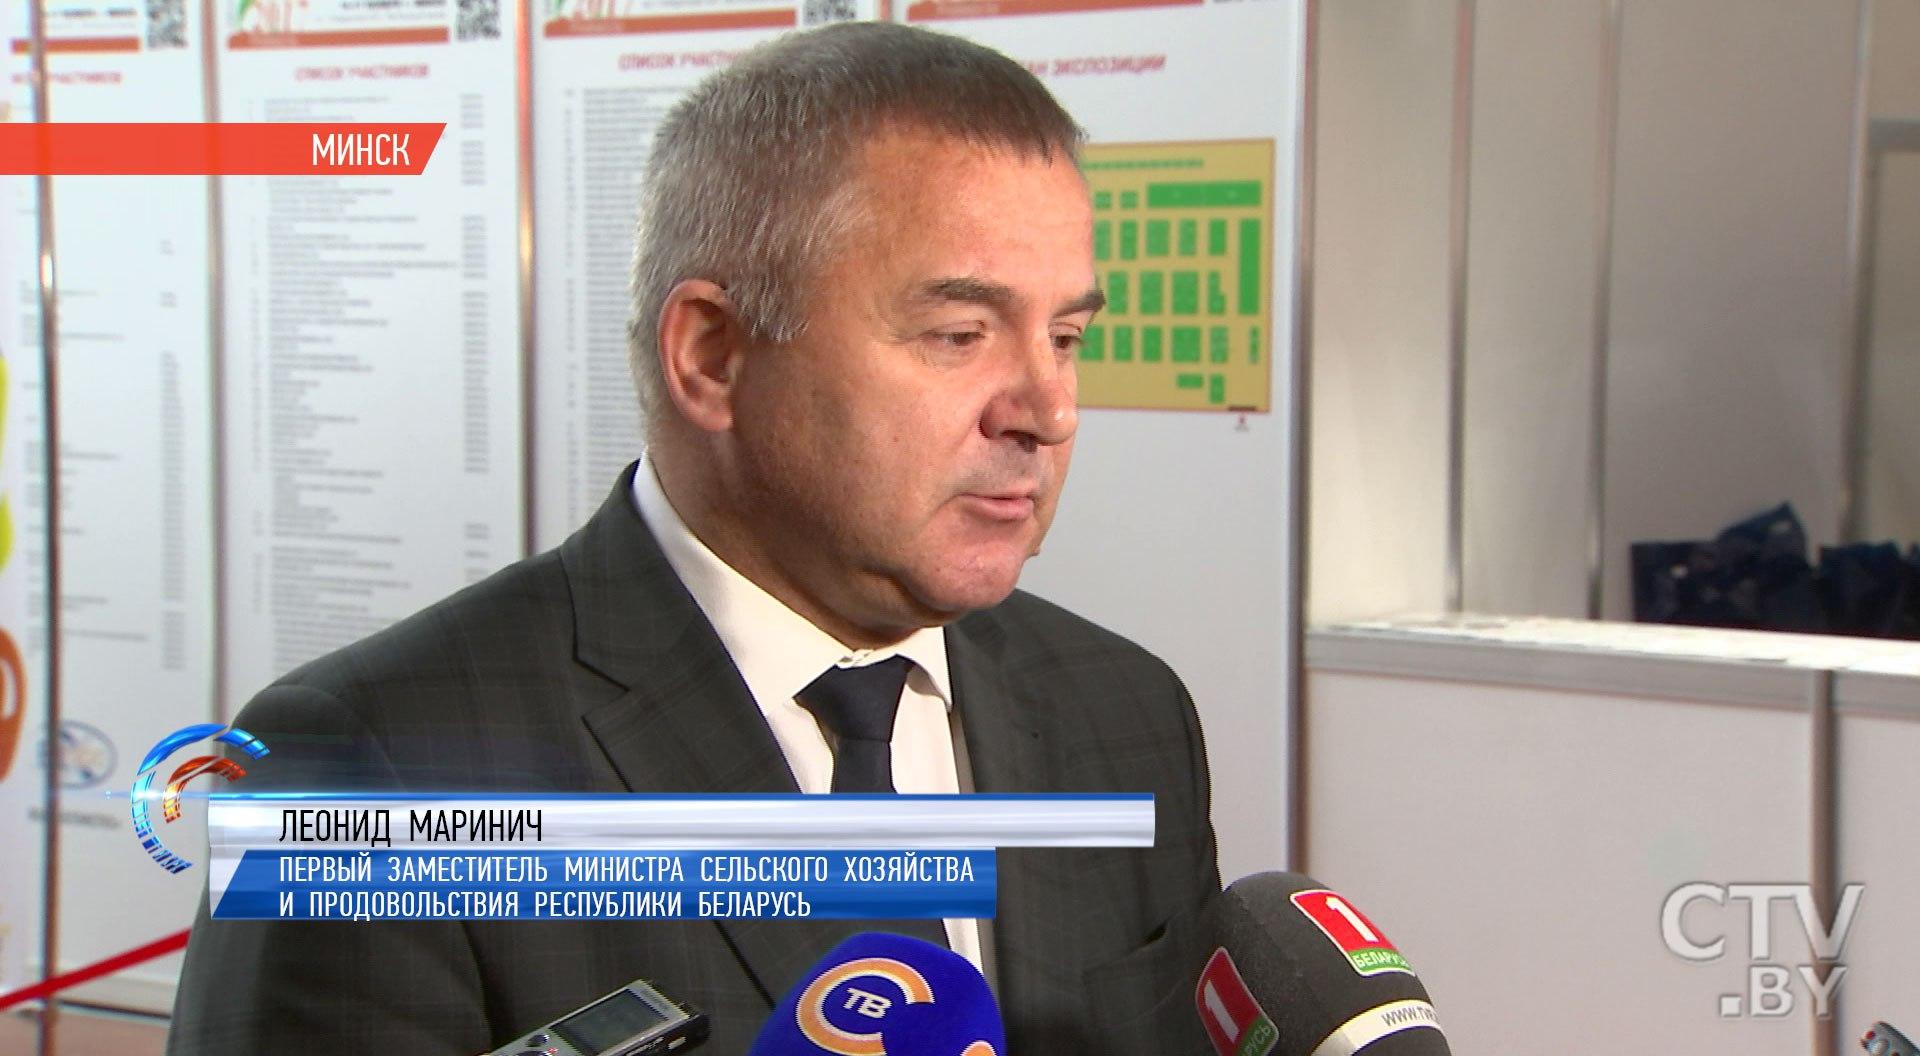 Минсельхозпрод: экспорт белорусских продуктов за год увеличился на 11%